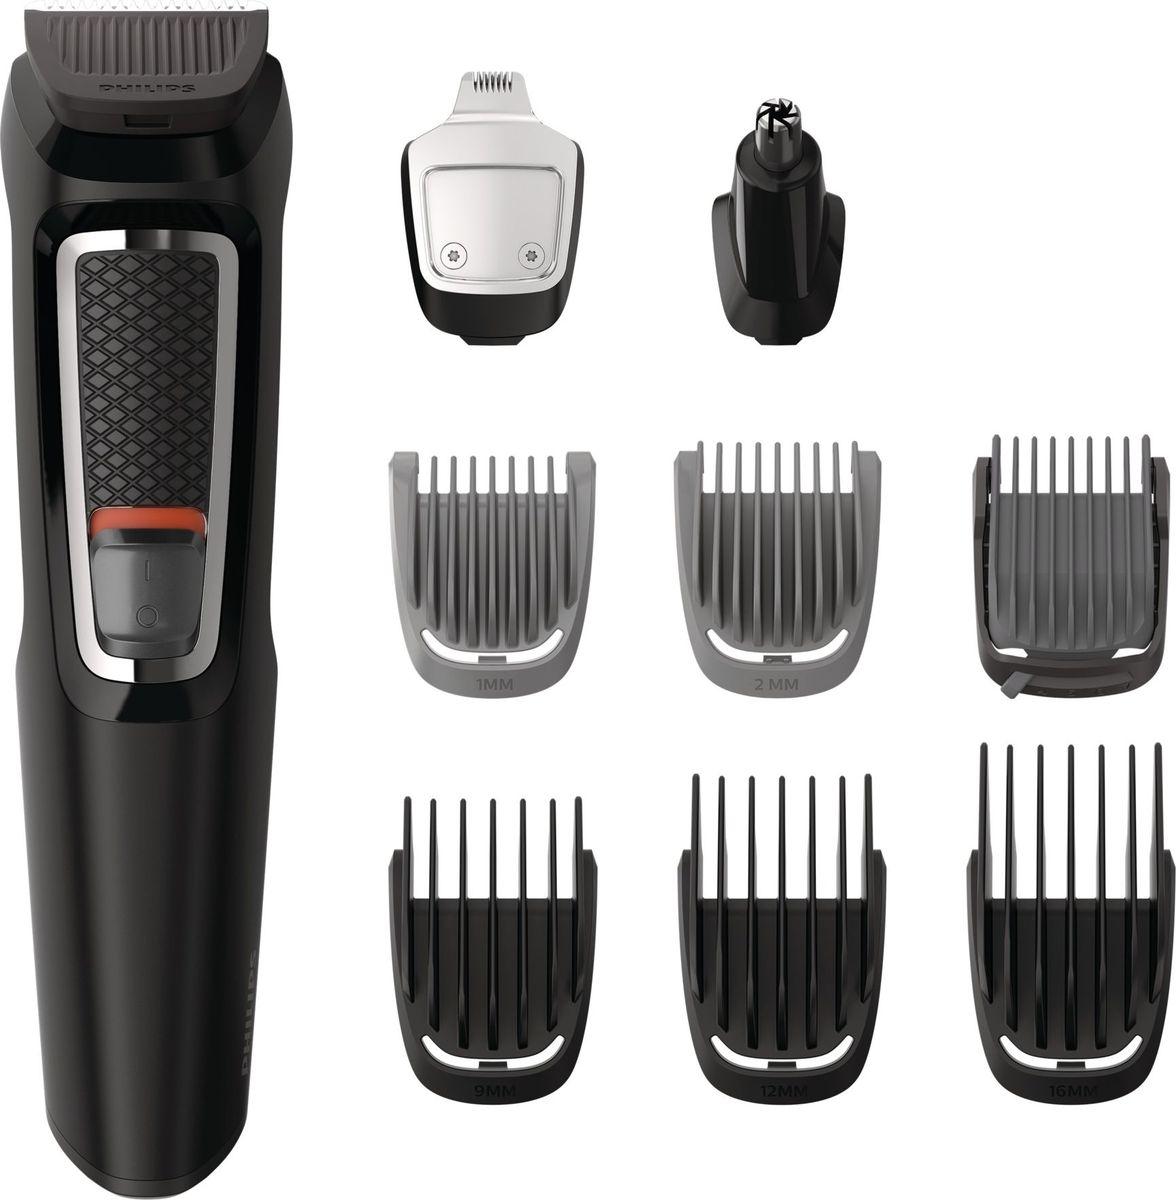 Philips MG3740 триммер 9 в 1 для волос на голове и лицеMG3740/15Универсальный триммер 9-в-1. Вы в любое время можете сменить свой образ, используя этот надёжный универсальный триммер с 9-ю принадлежностями для лица и волос - он позволяет в точности воплотить задуманное. Чехол для удобства при хранении и в путешествиях в комплекте.Универсальность и легкость использования:Подравнивайте волосы на голове и лице и создавайте свой стиль с 9 принадлежностямиТриммер стрижет волосы и создает контуры бороды для завершения образаМеталлический триммер для контуров создает идеальные линии бороды или эспаньолкиТриммер для носа бережно удаляет нежелательные волоски в носу и ушах6 гребней для подравнивания волос на лице и головеДо 60 минут автономной работы после зарядкиНасадки удобно промывать